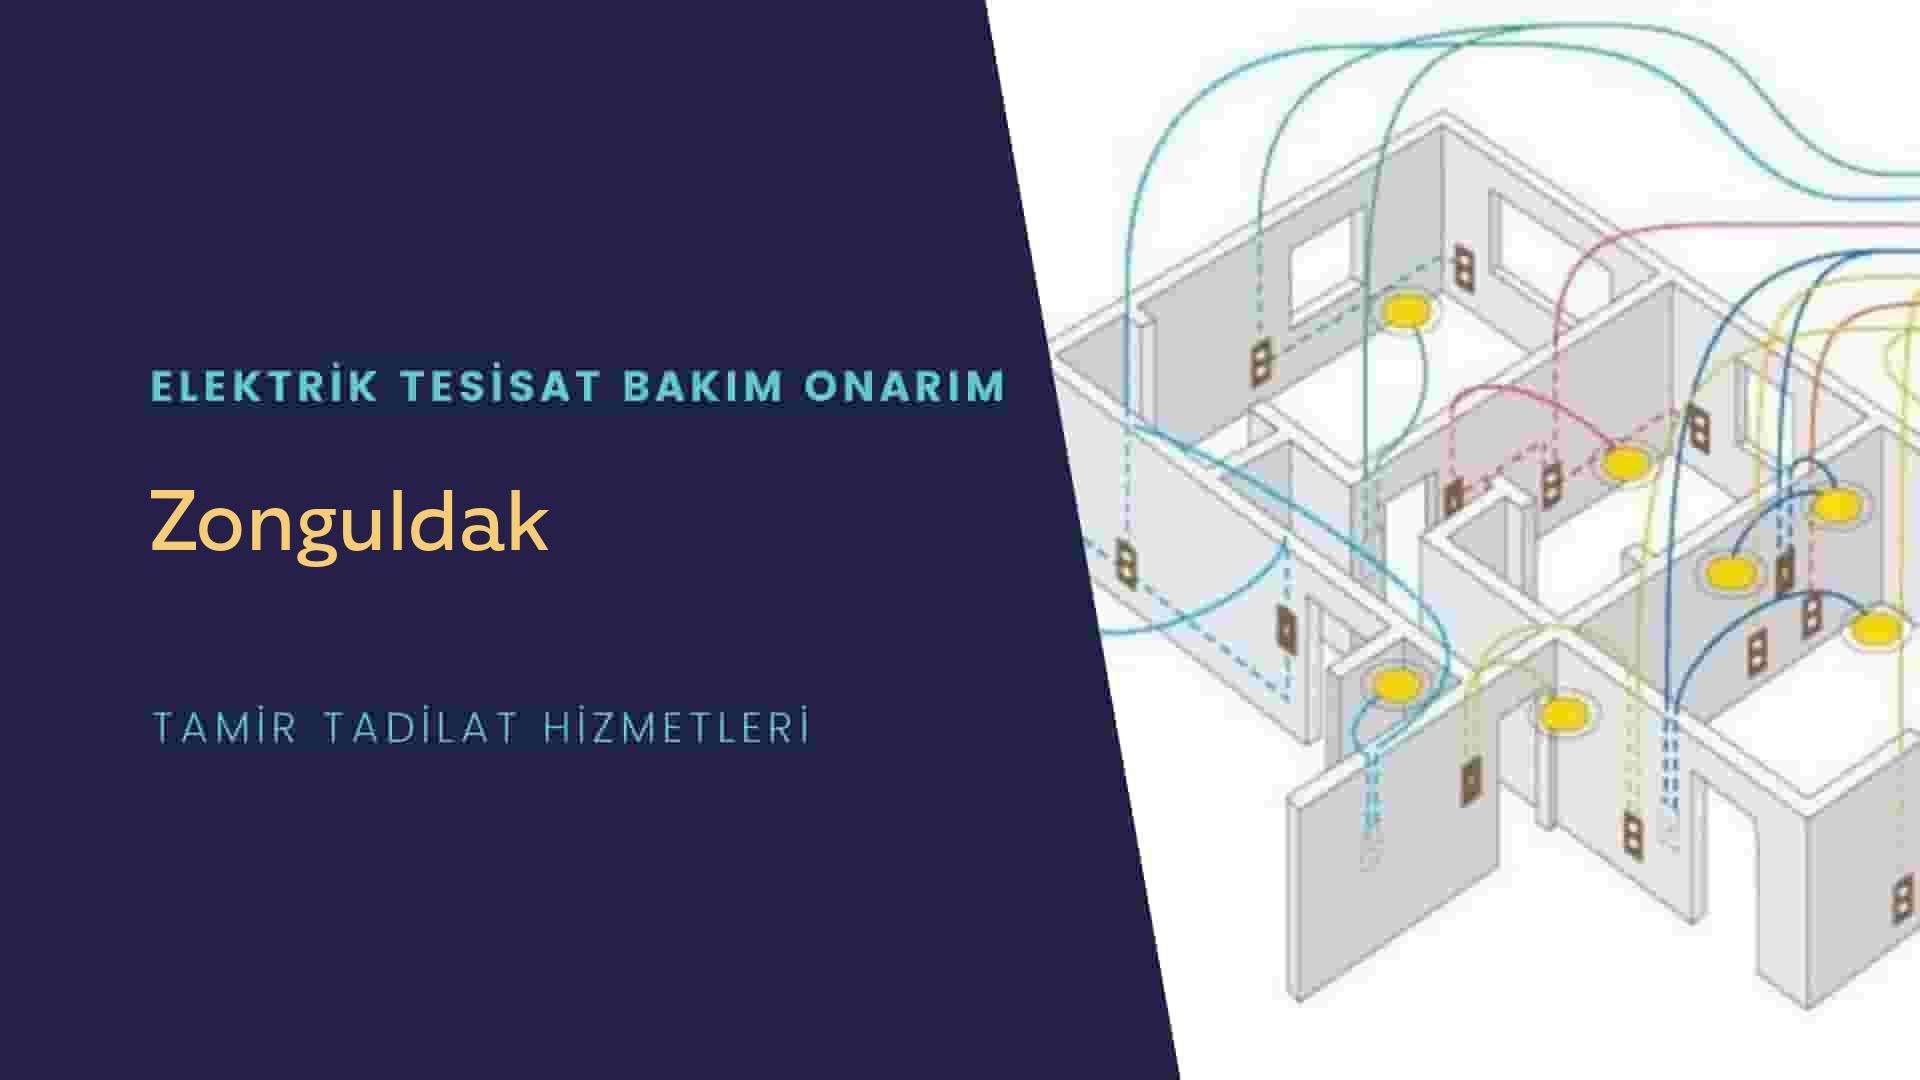 Zonguldak'ta elektrik tesisatıustalarımı arıyorsunuz doğru adrestenizi Zonguldak elektrik tesisatı ustalarımız 7/24 sizlere hizmet vermekten mutluluk duyar.